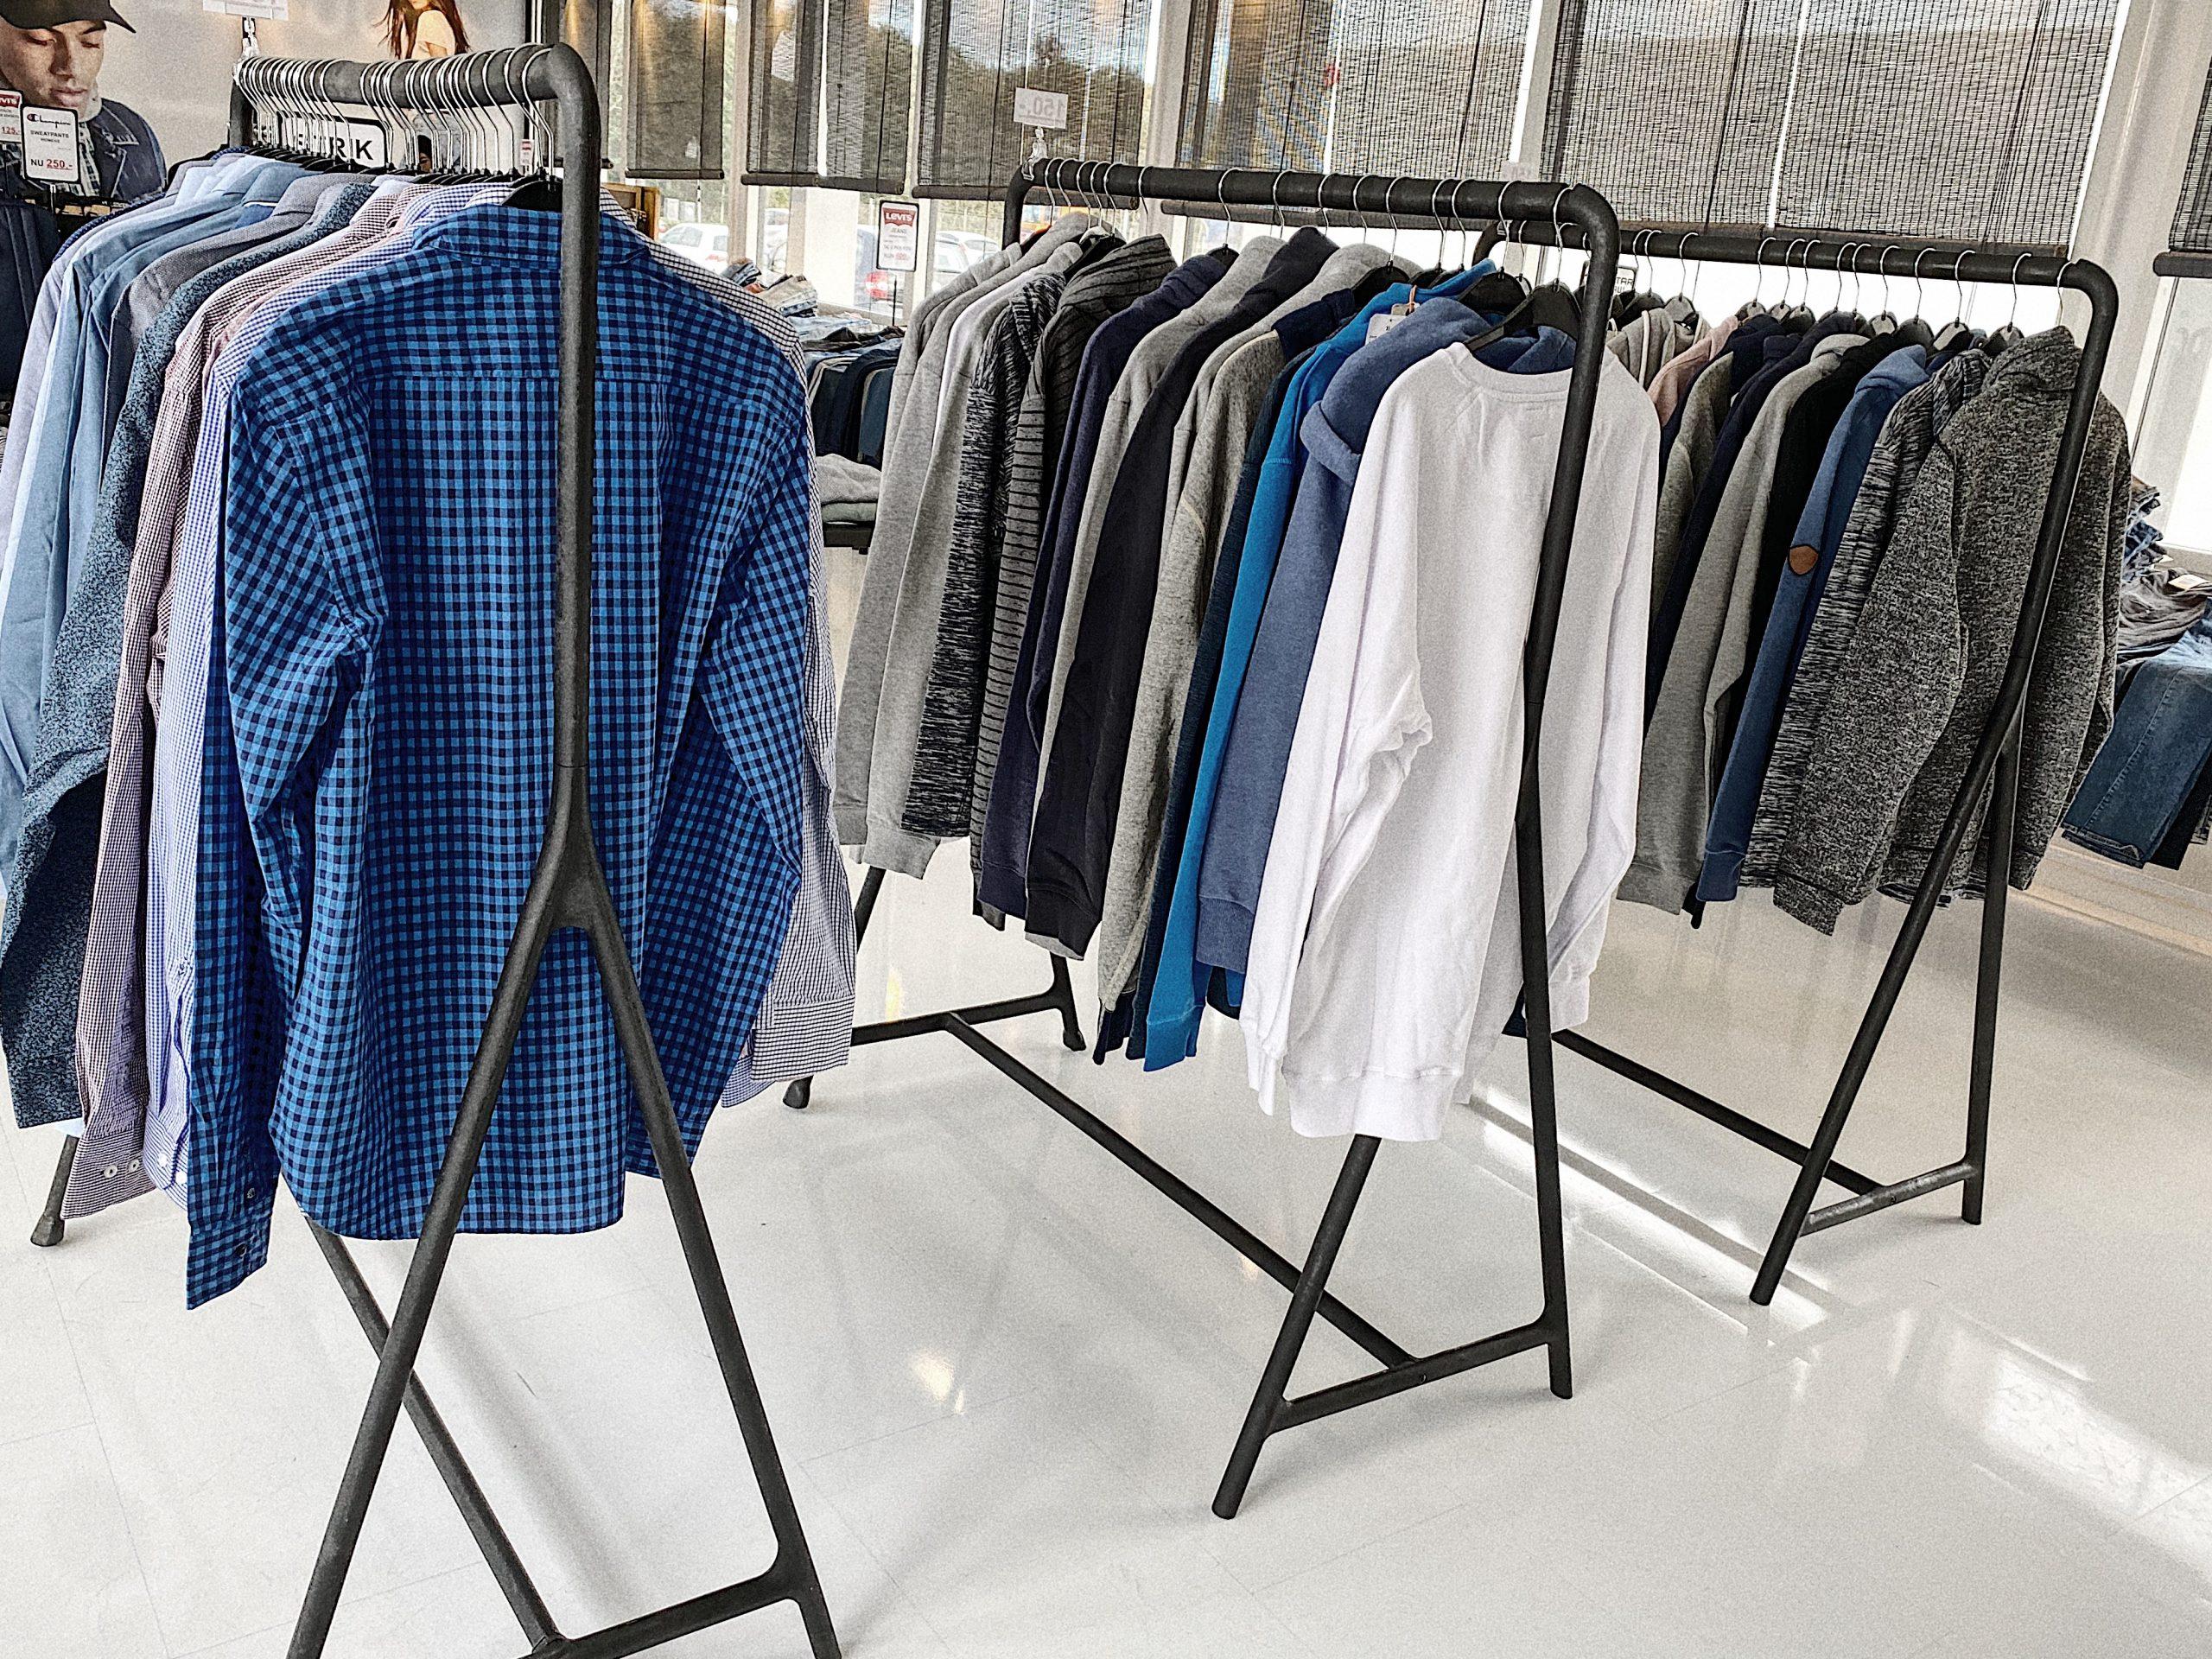 Spar op til 80 % på fede mærker: Brands4you åbner ny outlet-butik i næste uge